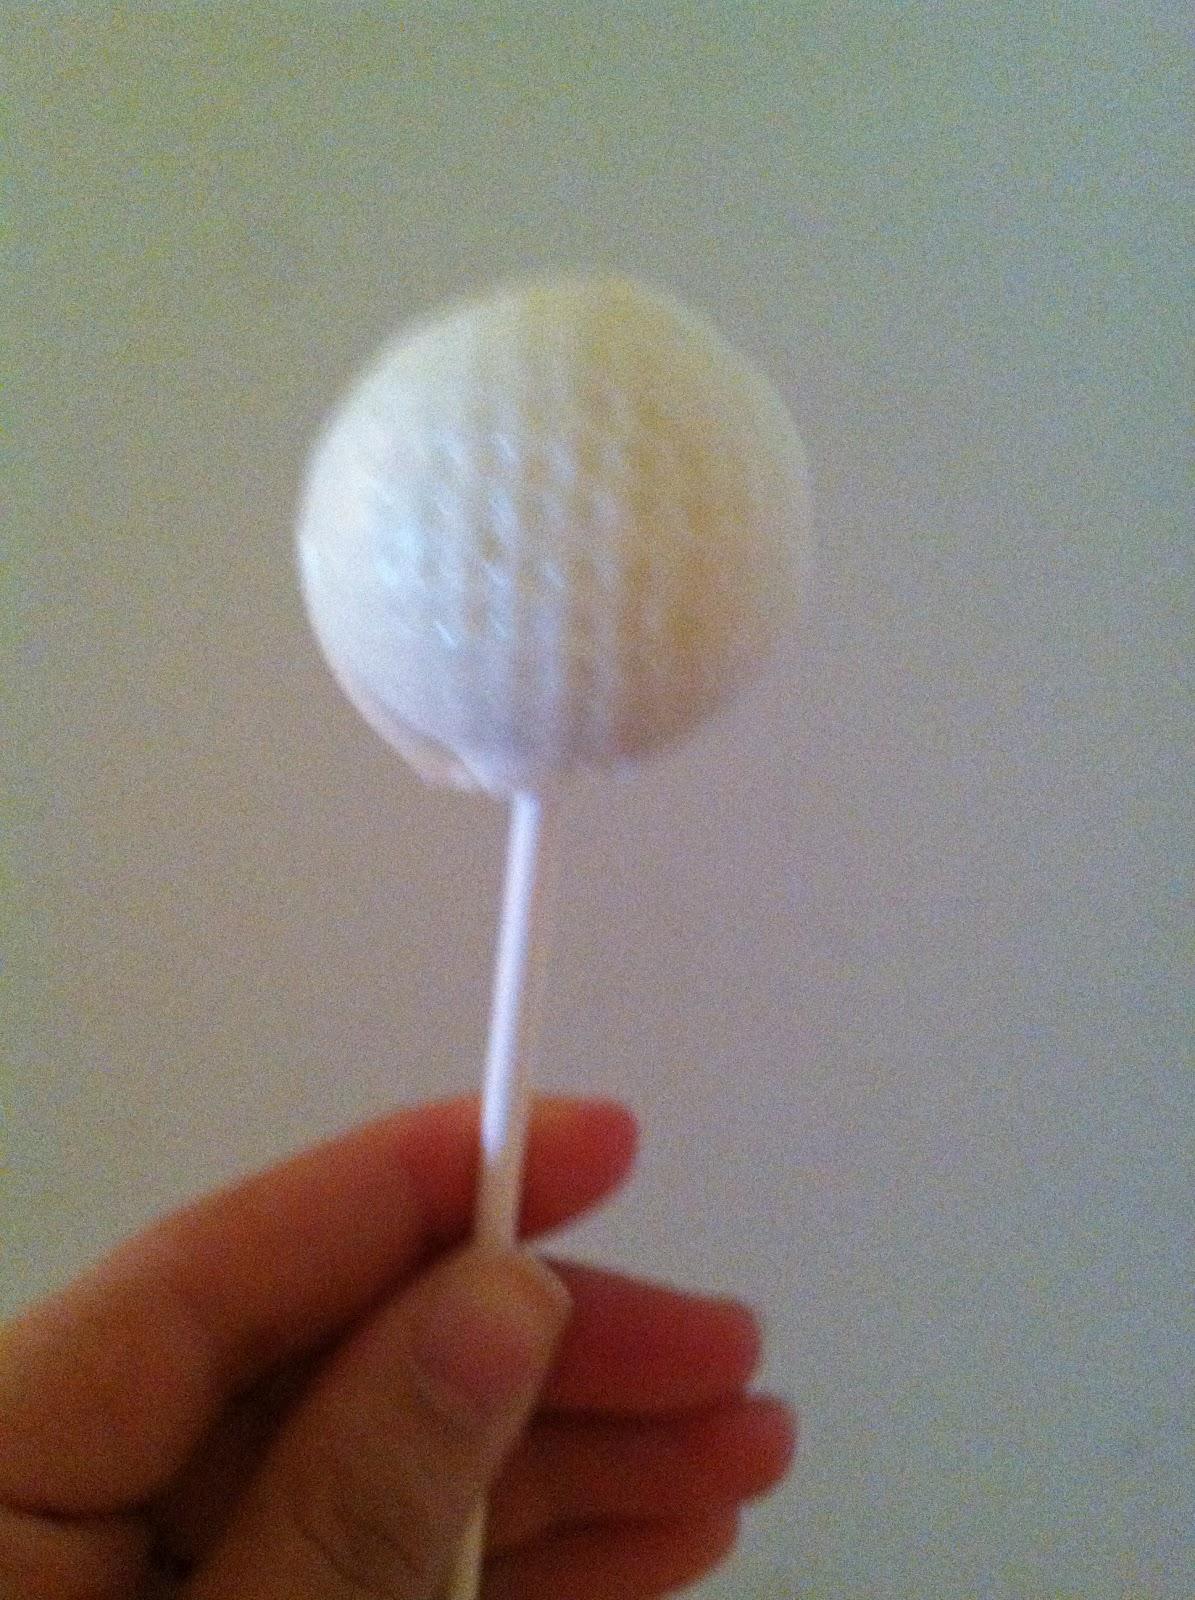 Ball Molds For Baking a Golf Ball Lollipop Mold